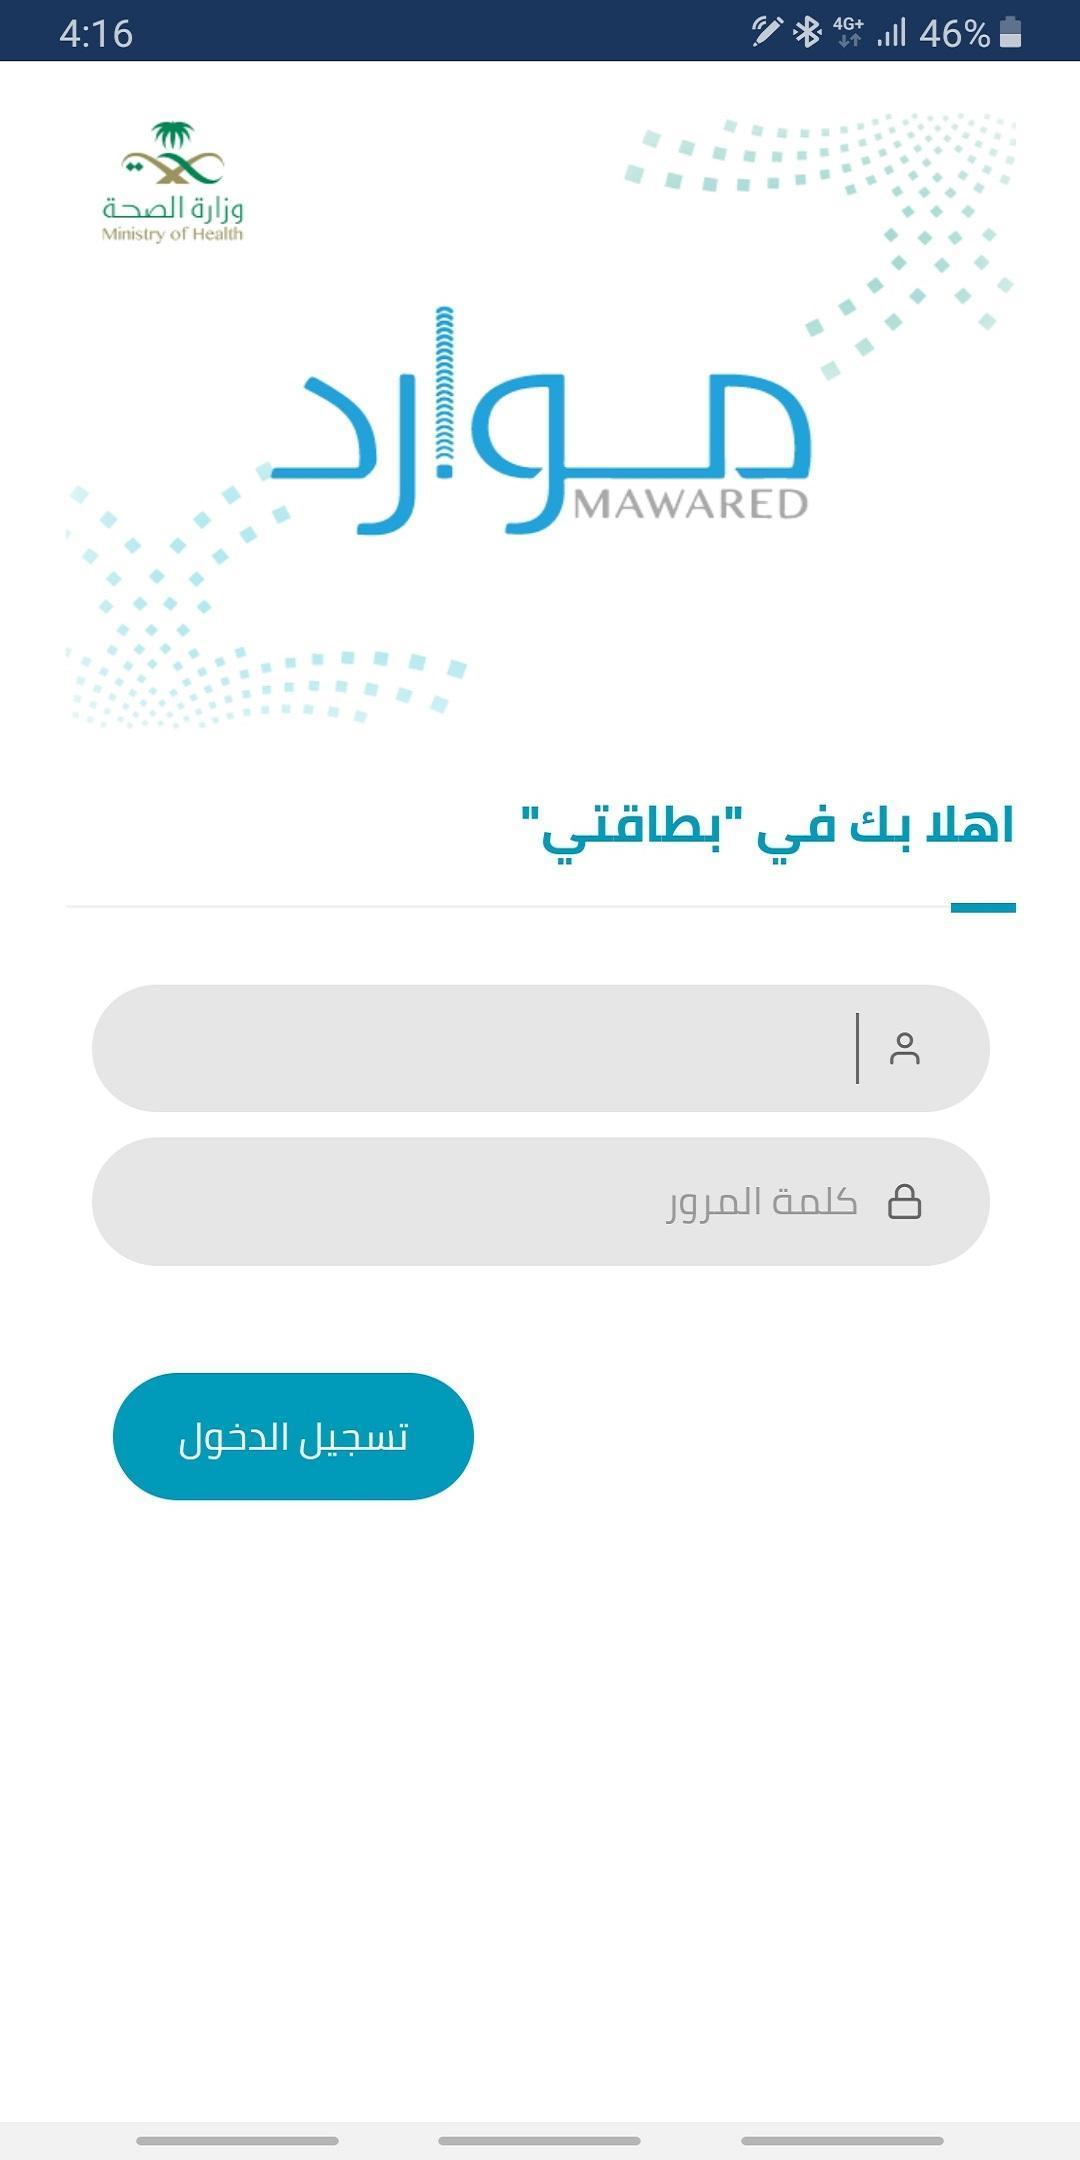 برنامج تحميل التطبيقات مجانا للاندرويد